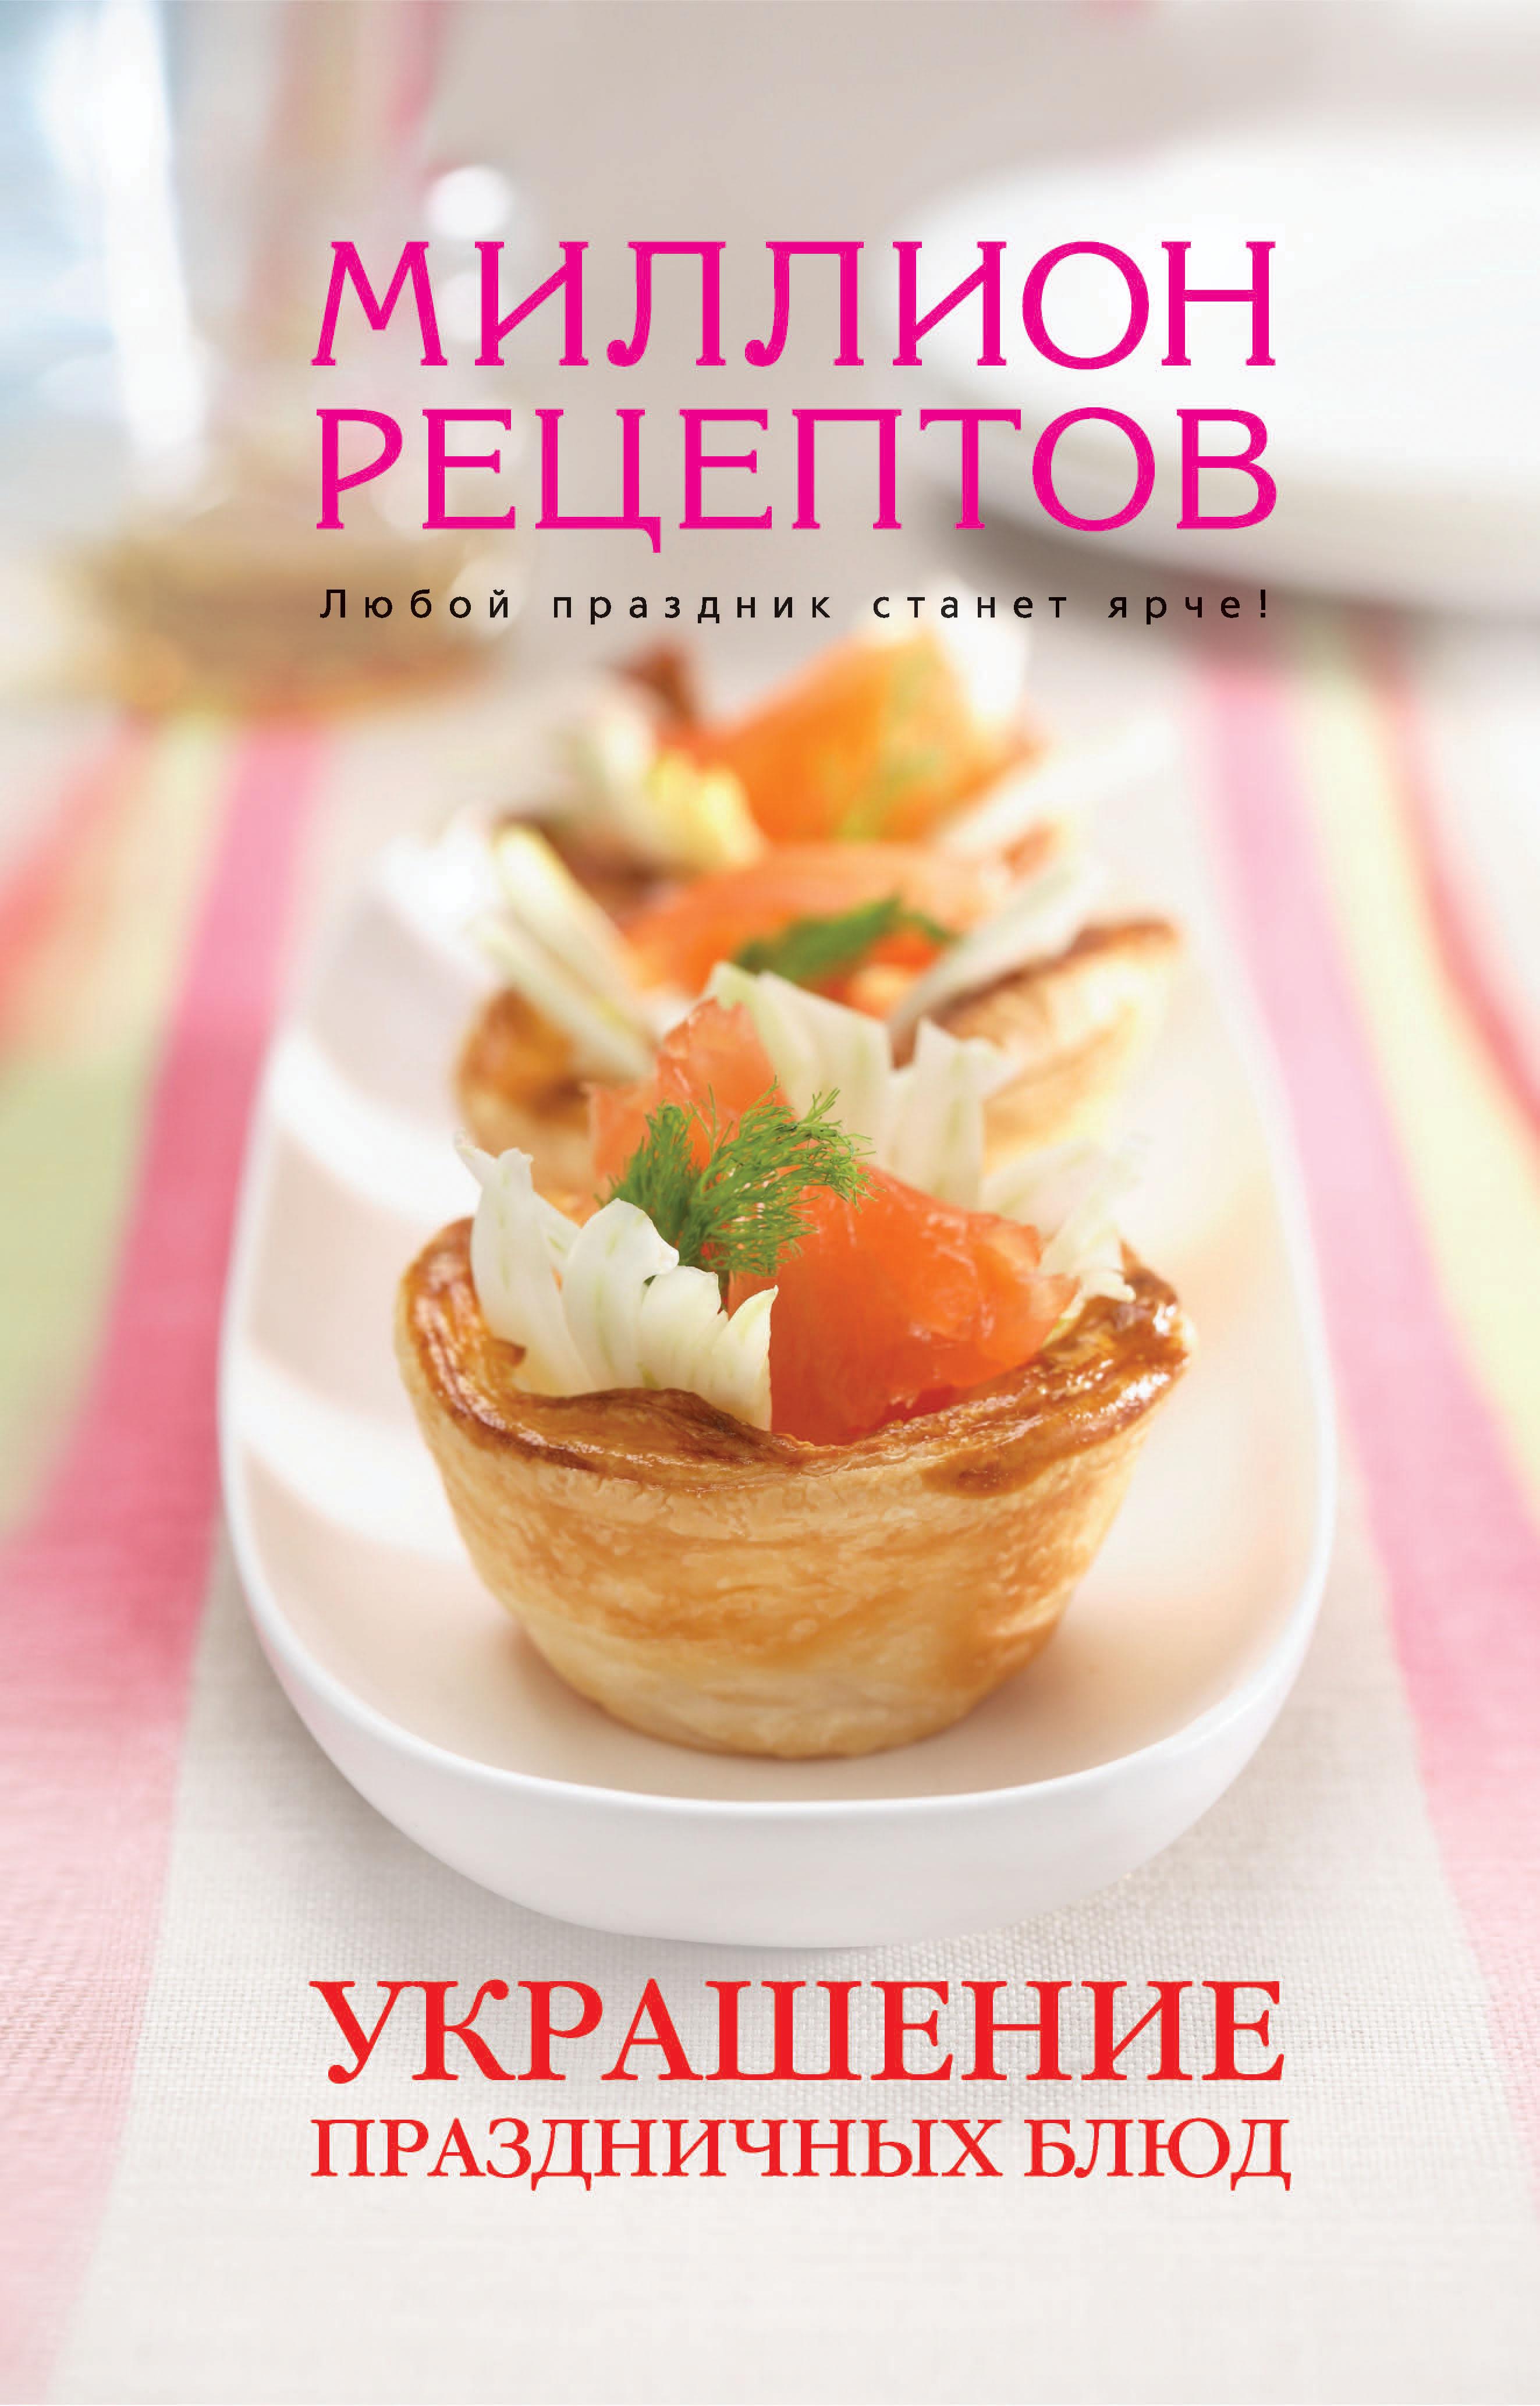 Украшение праздничных блюд от book24.ru